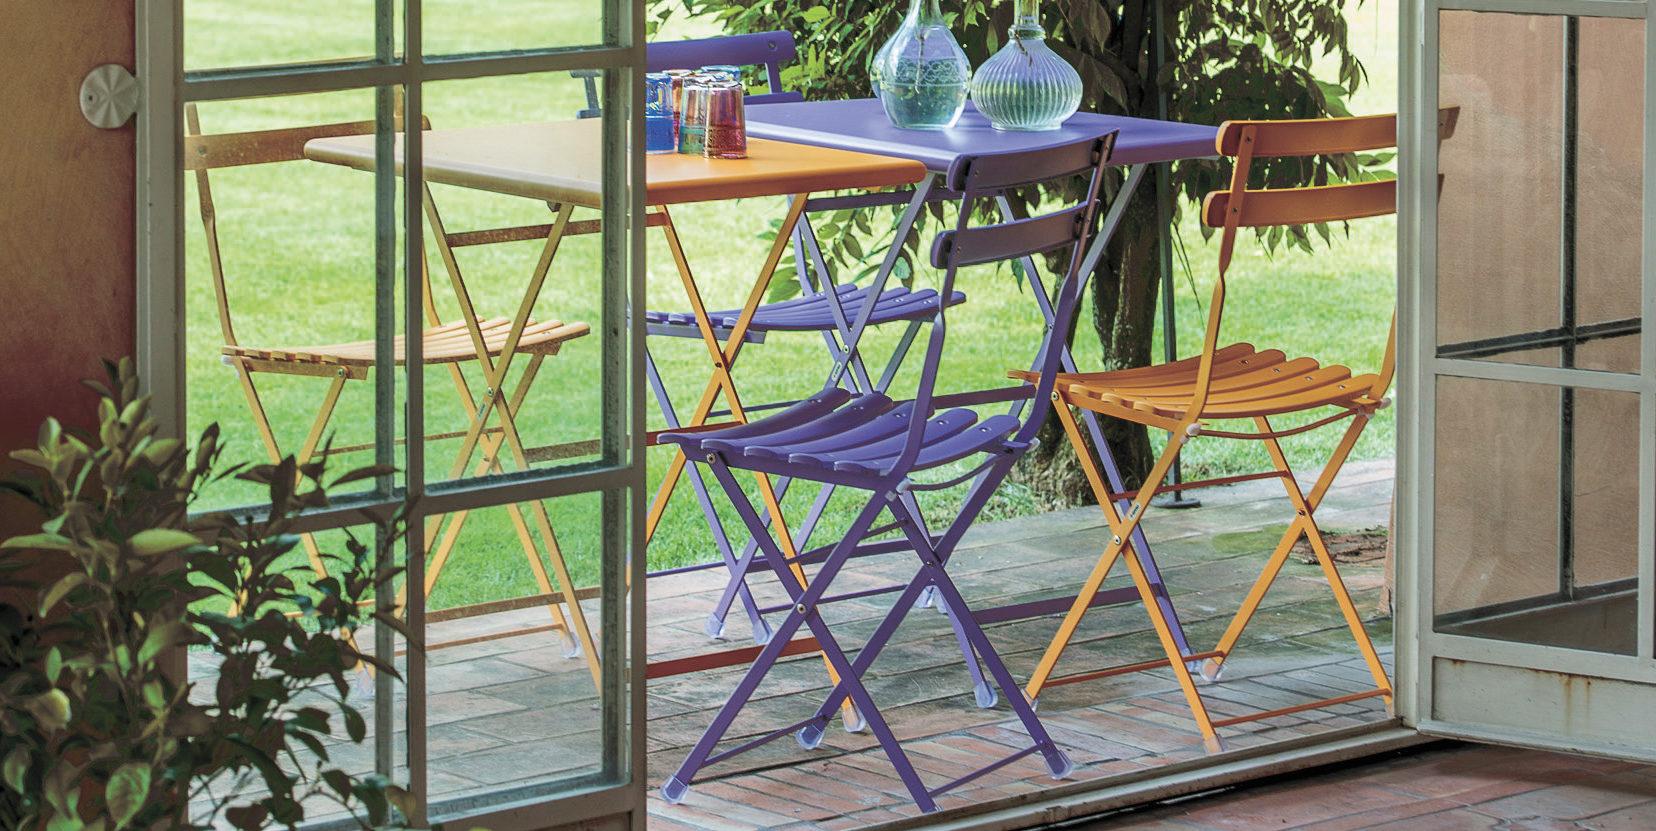 chaise de jardin arc en ciel BUXUS DESIGN